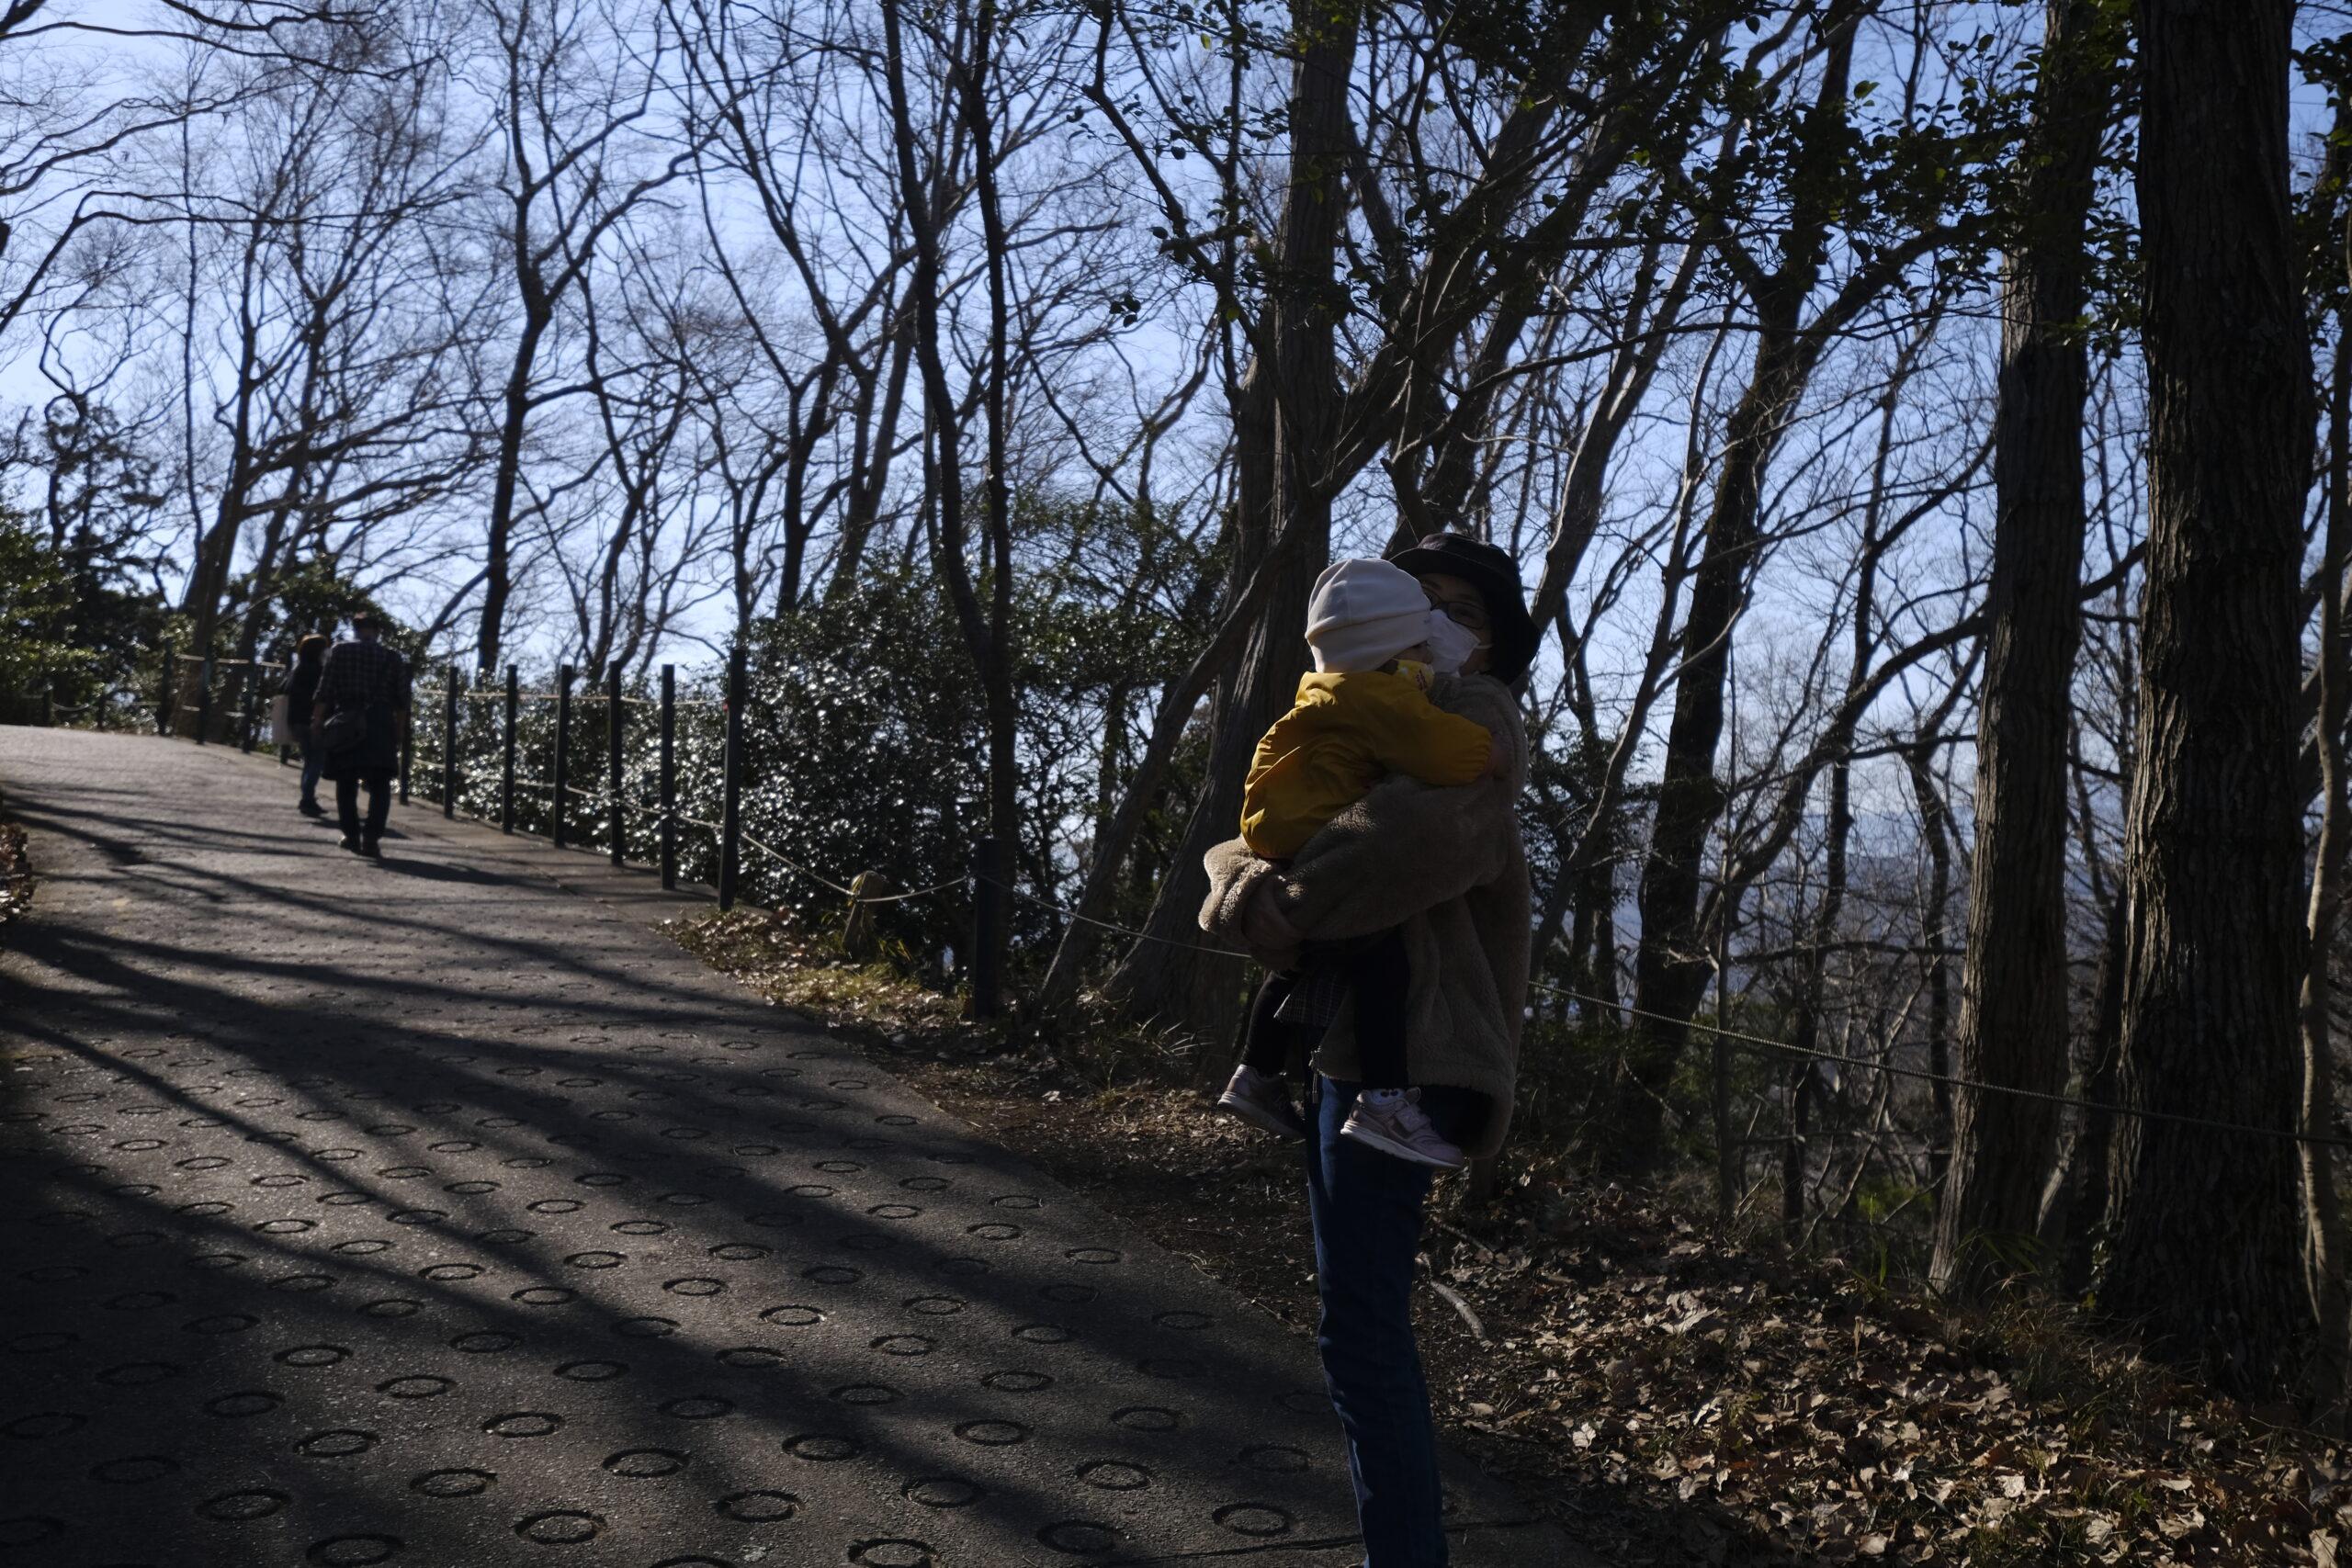 山頂を目指す登路途中の写真